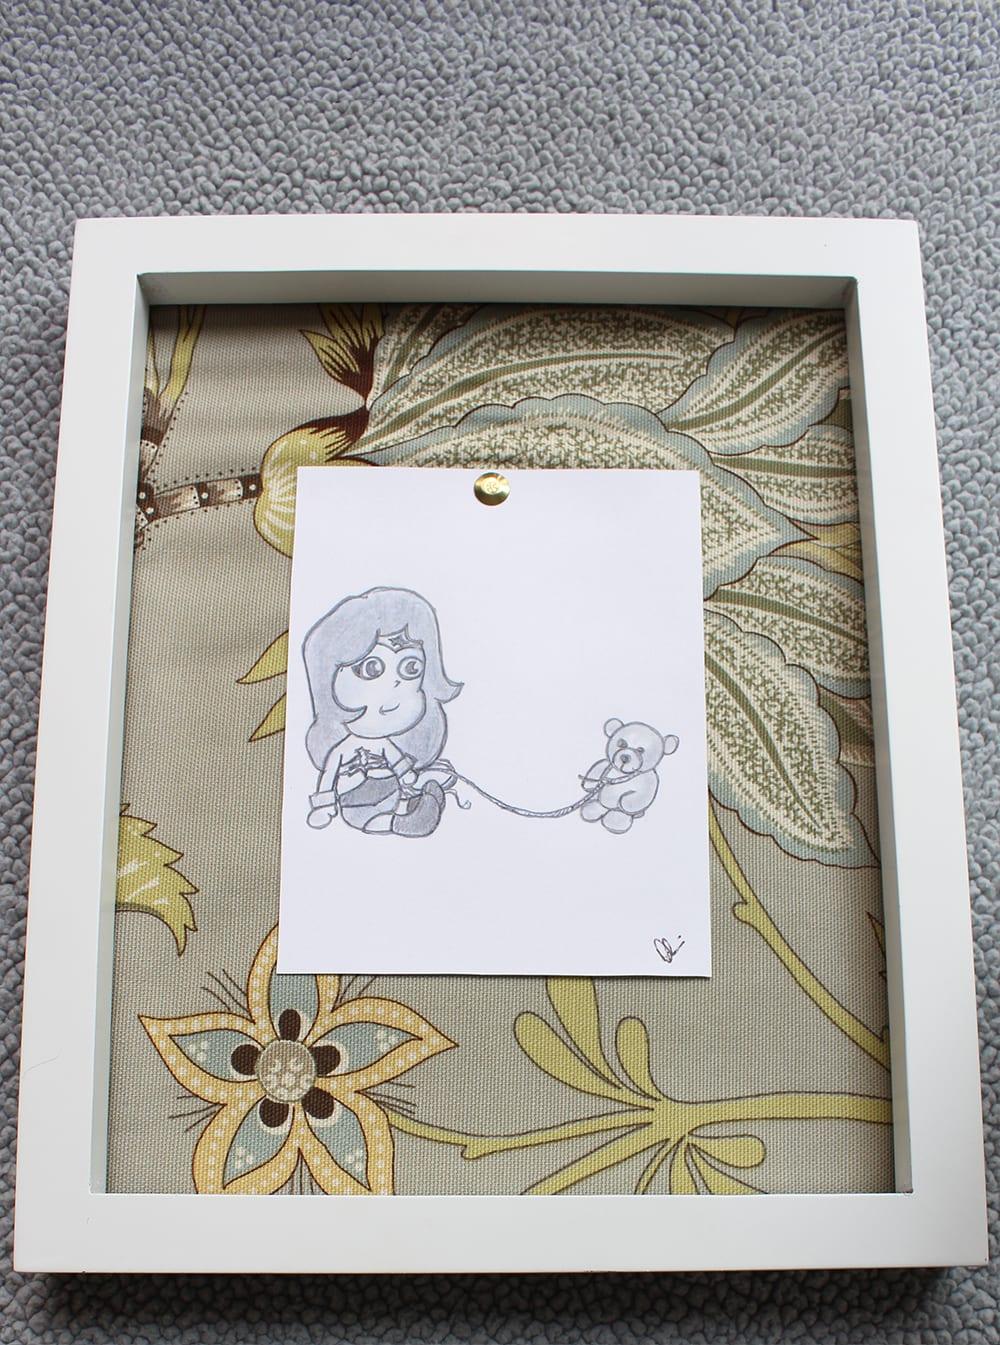 Hand drawn baby superhero art - Baby Wonder Woman.